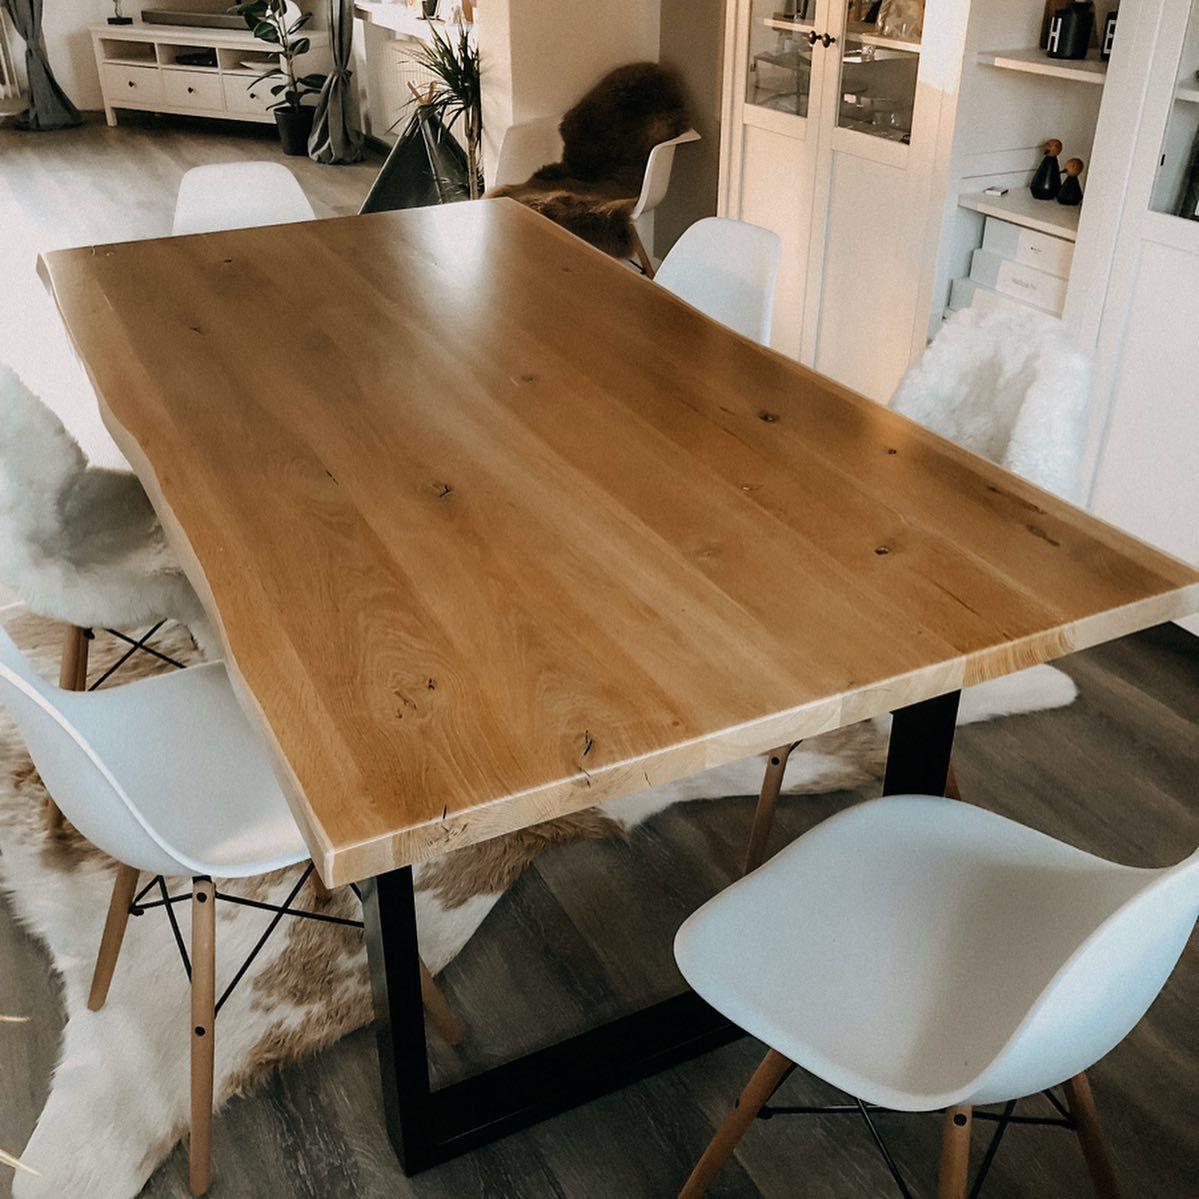 Wohnzimmer Mit Esstisch Aus Eiche In 2020 Home Decor Table D